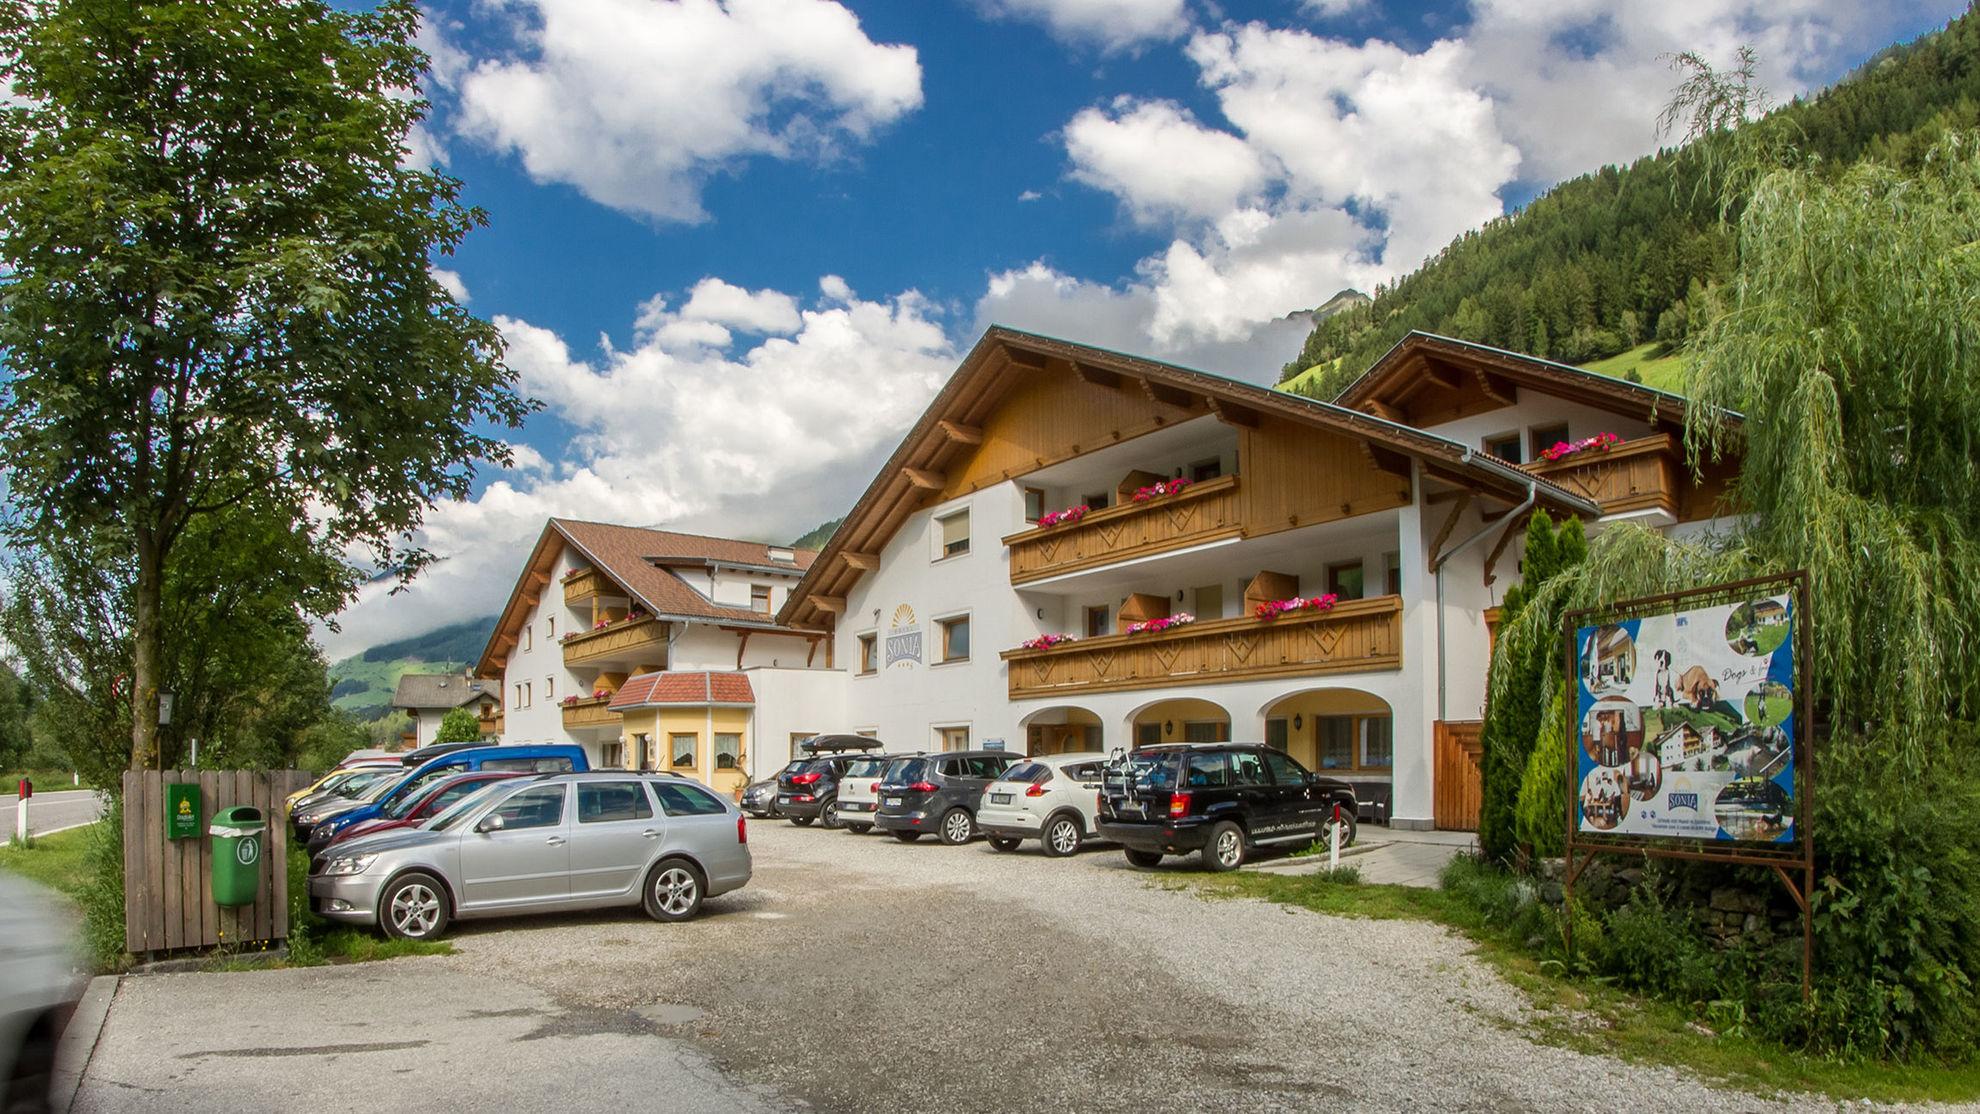 Hotel Sonja Hotel Sonja Im Ahrntal Sudtirol Valle Aurina